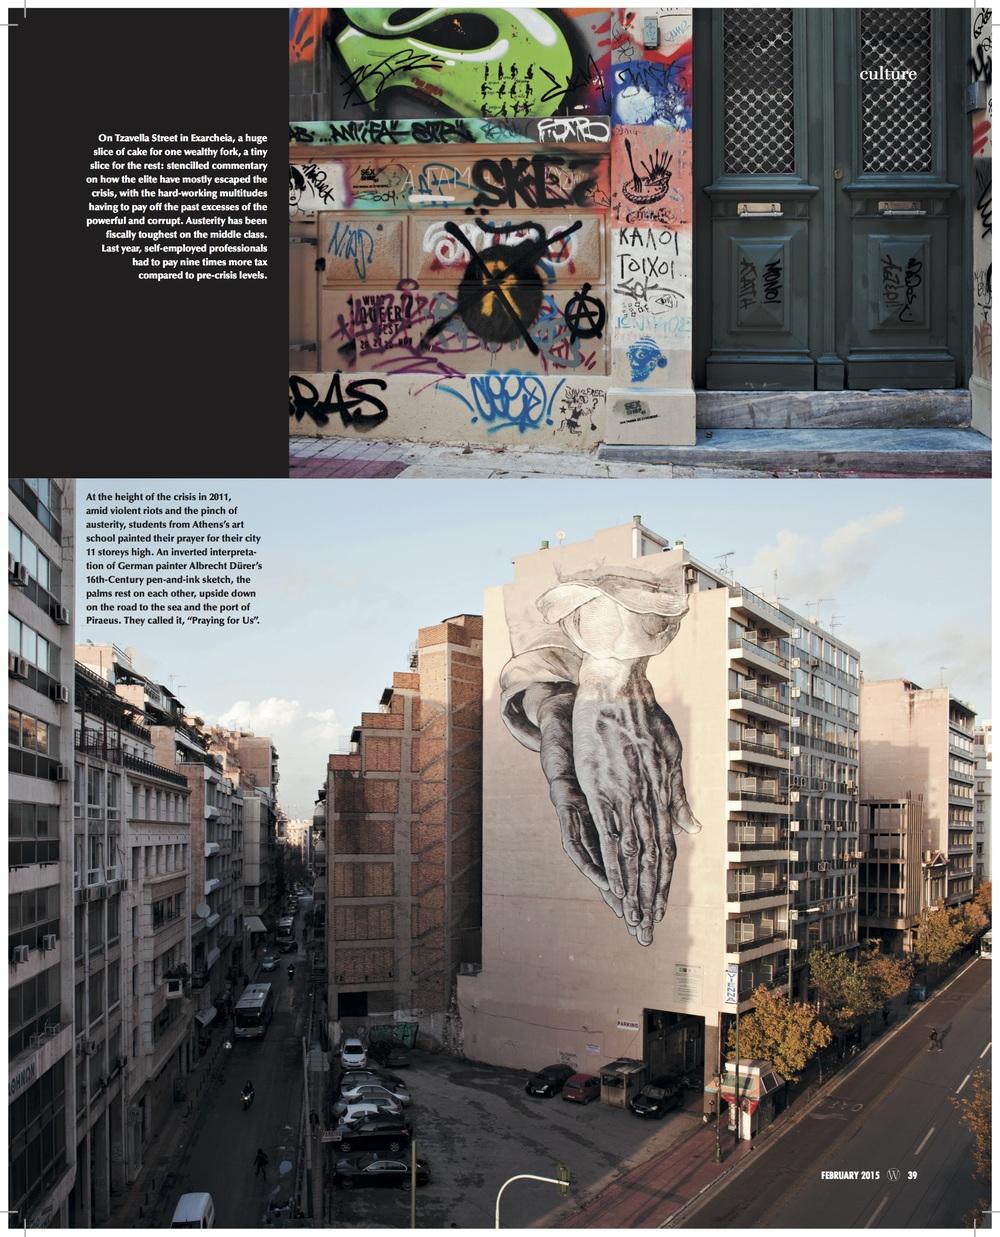 Graffiti_p4.jpg